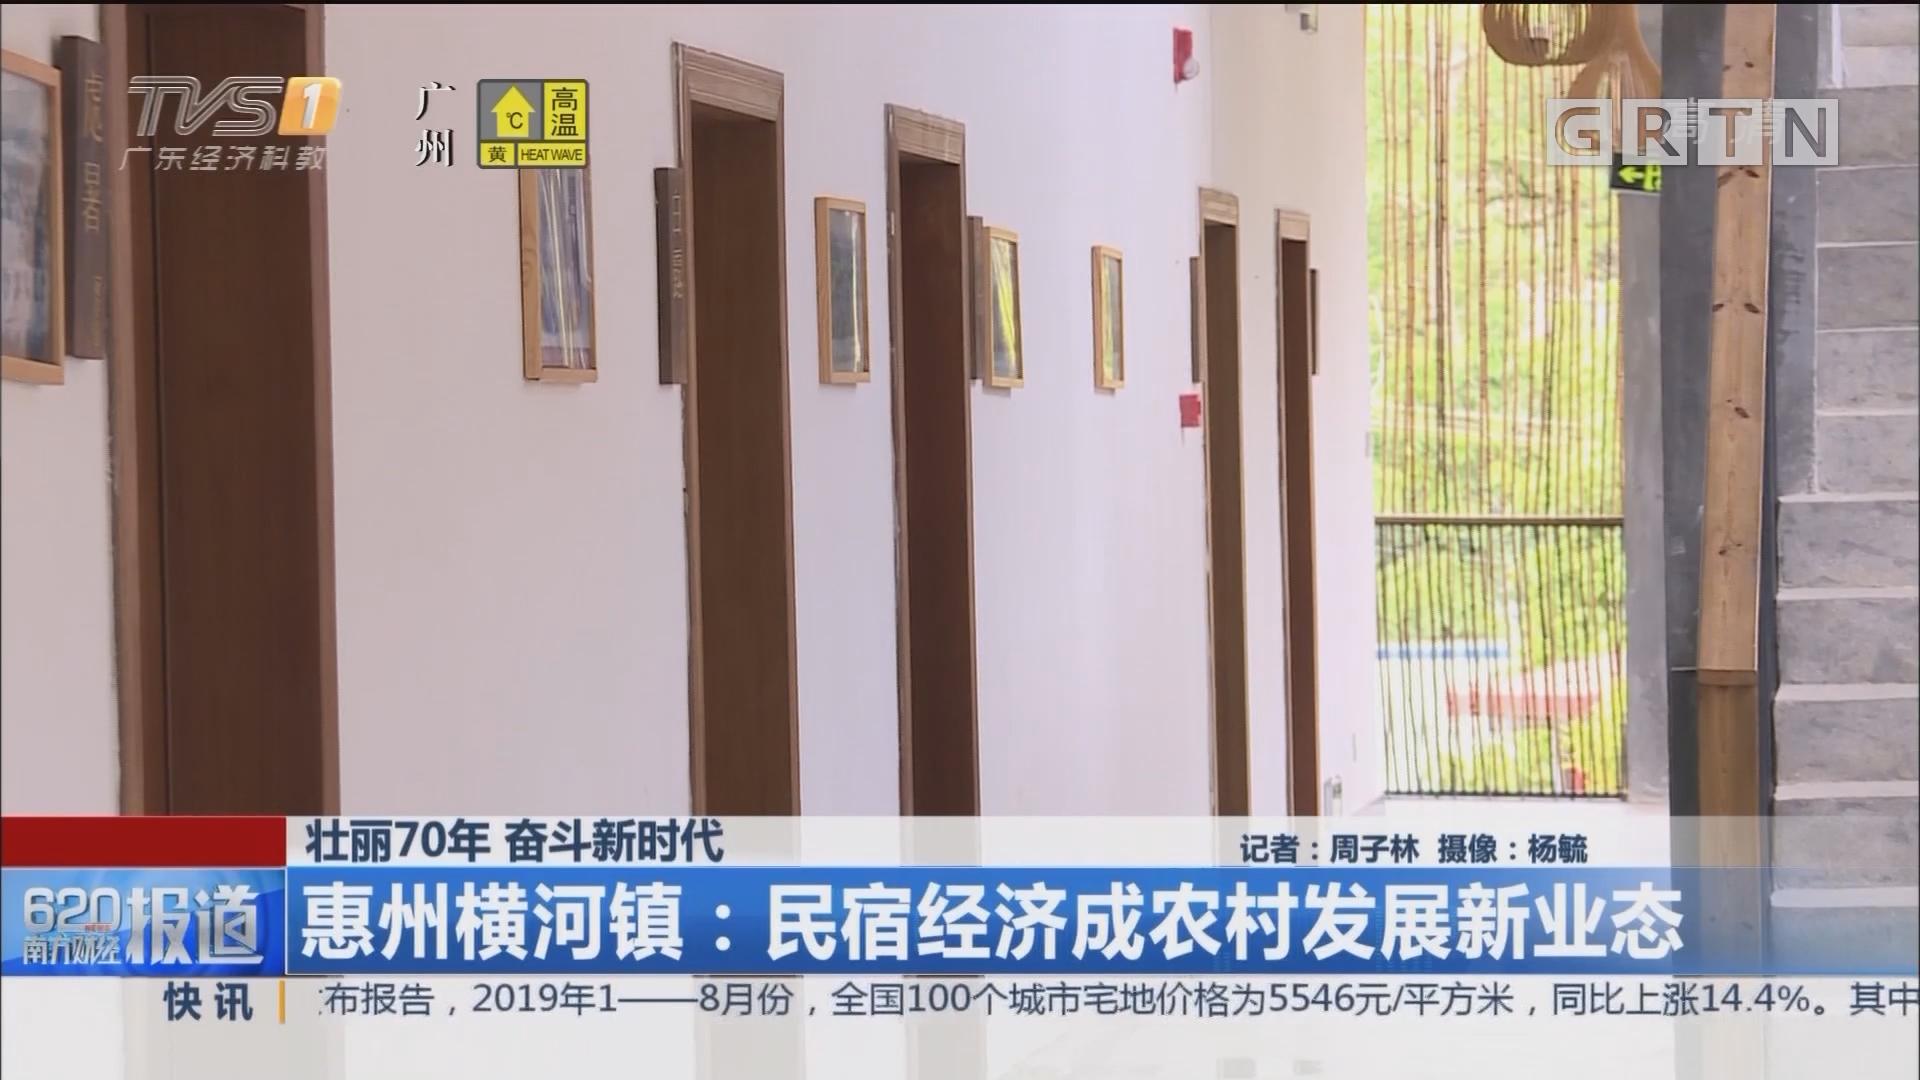 壮丽70年 奋斗新时代 惠州横河镇:民宿经济成农村发展新业态